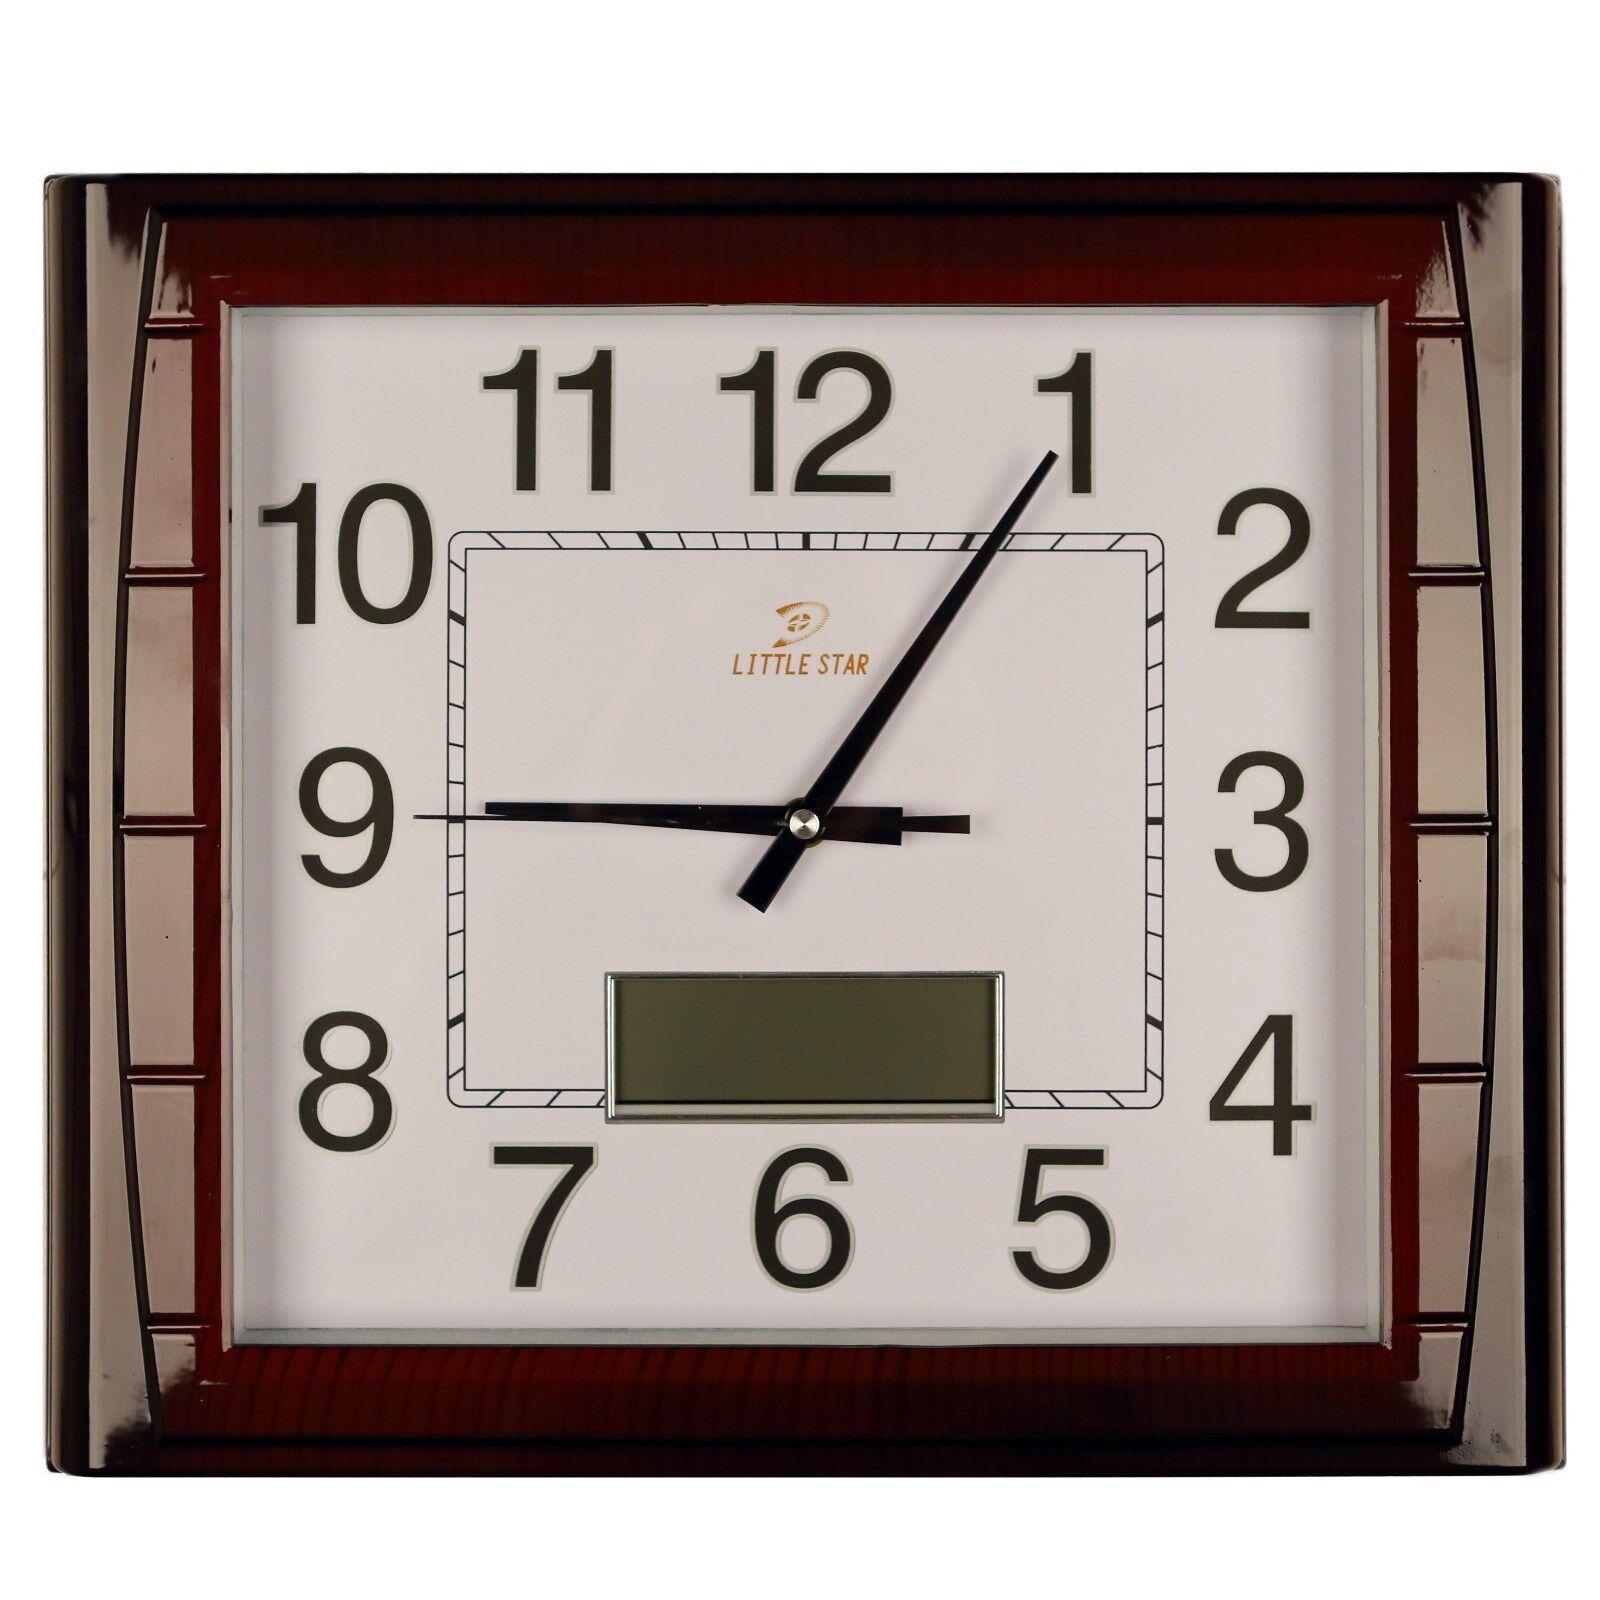 Wanduhr Wohnzimmer Wartezimmer Bürouhr Uhr digitale